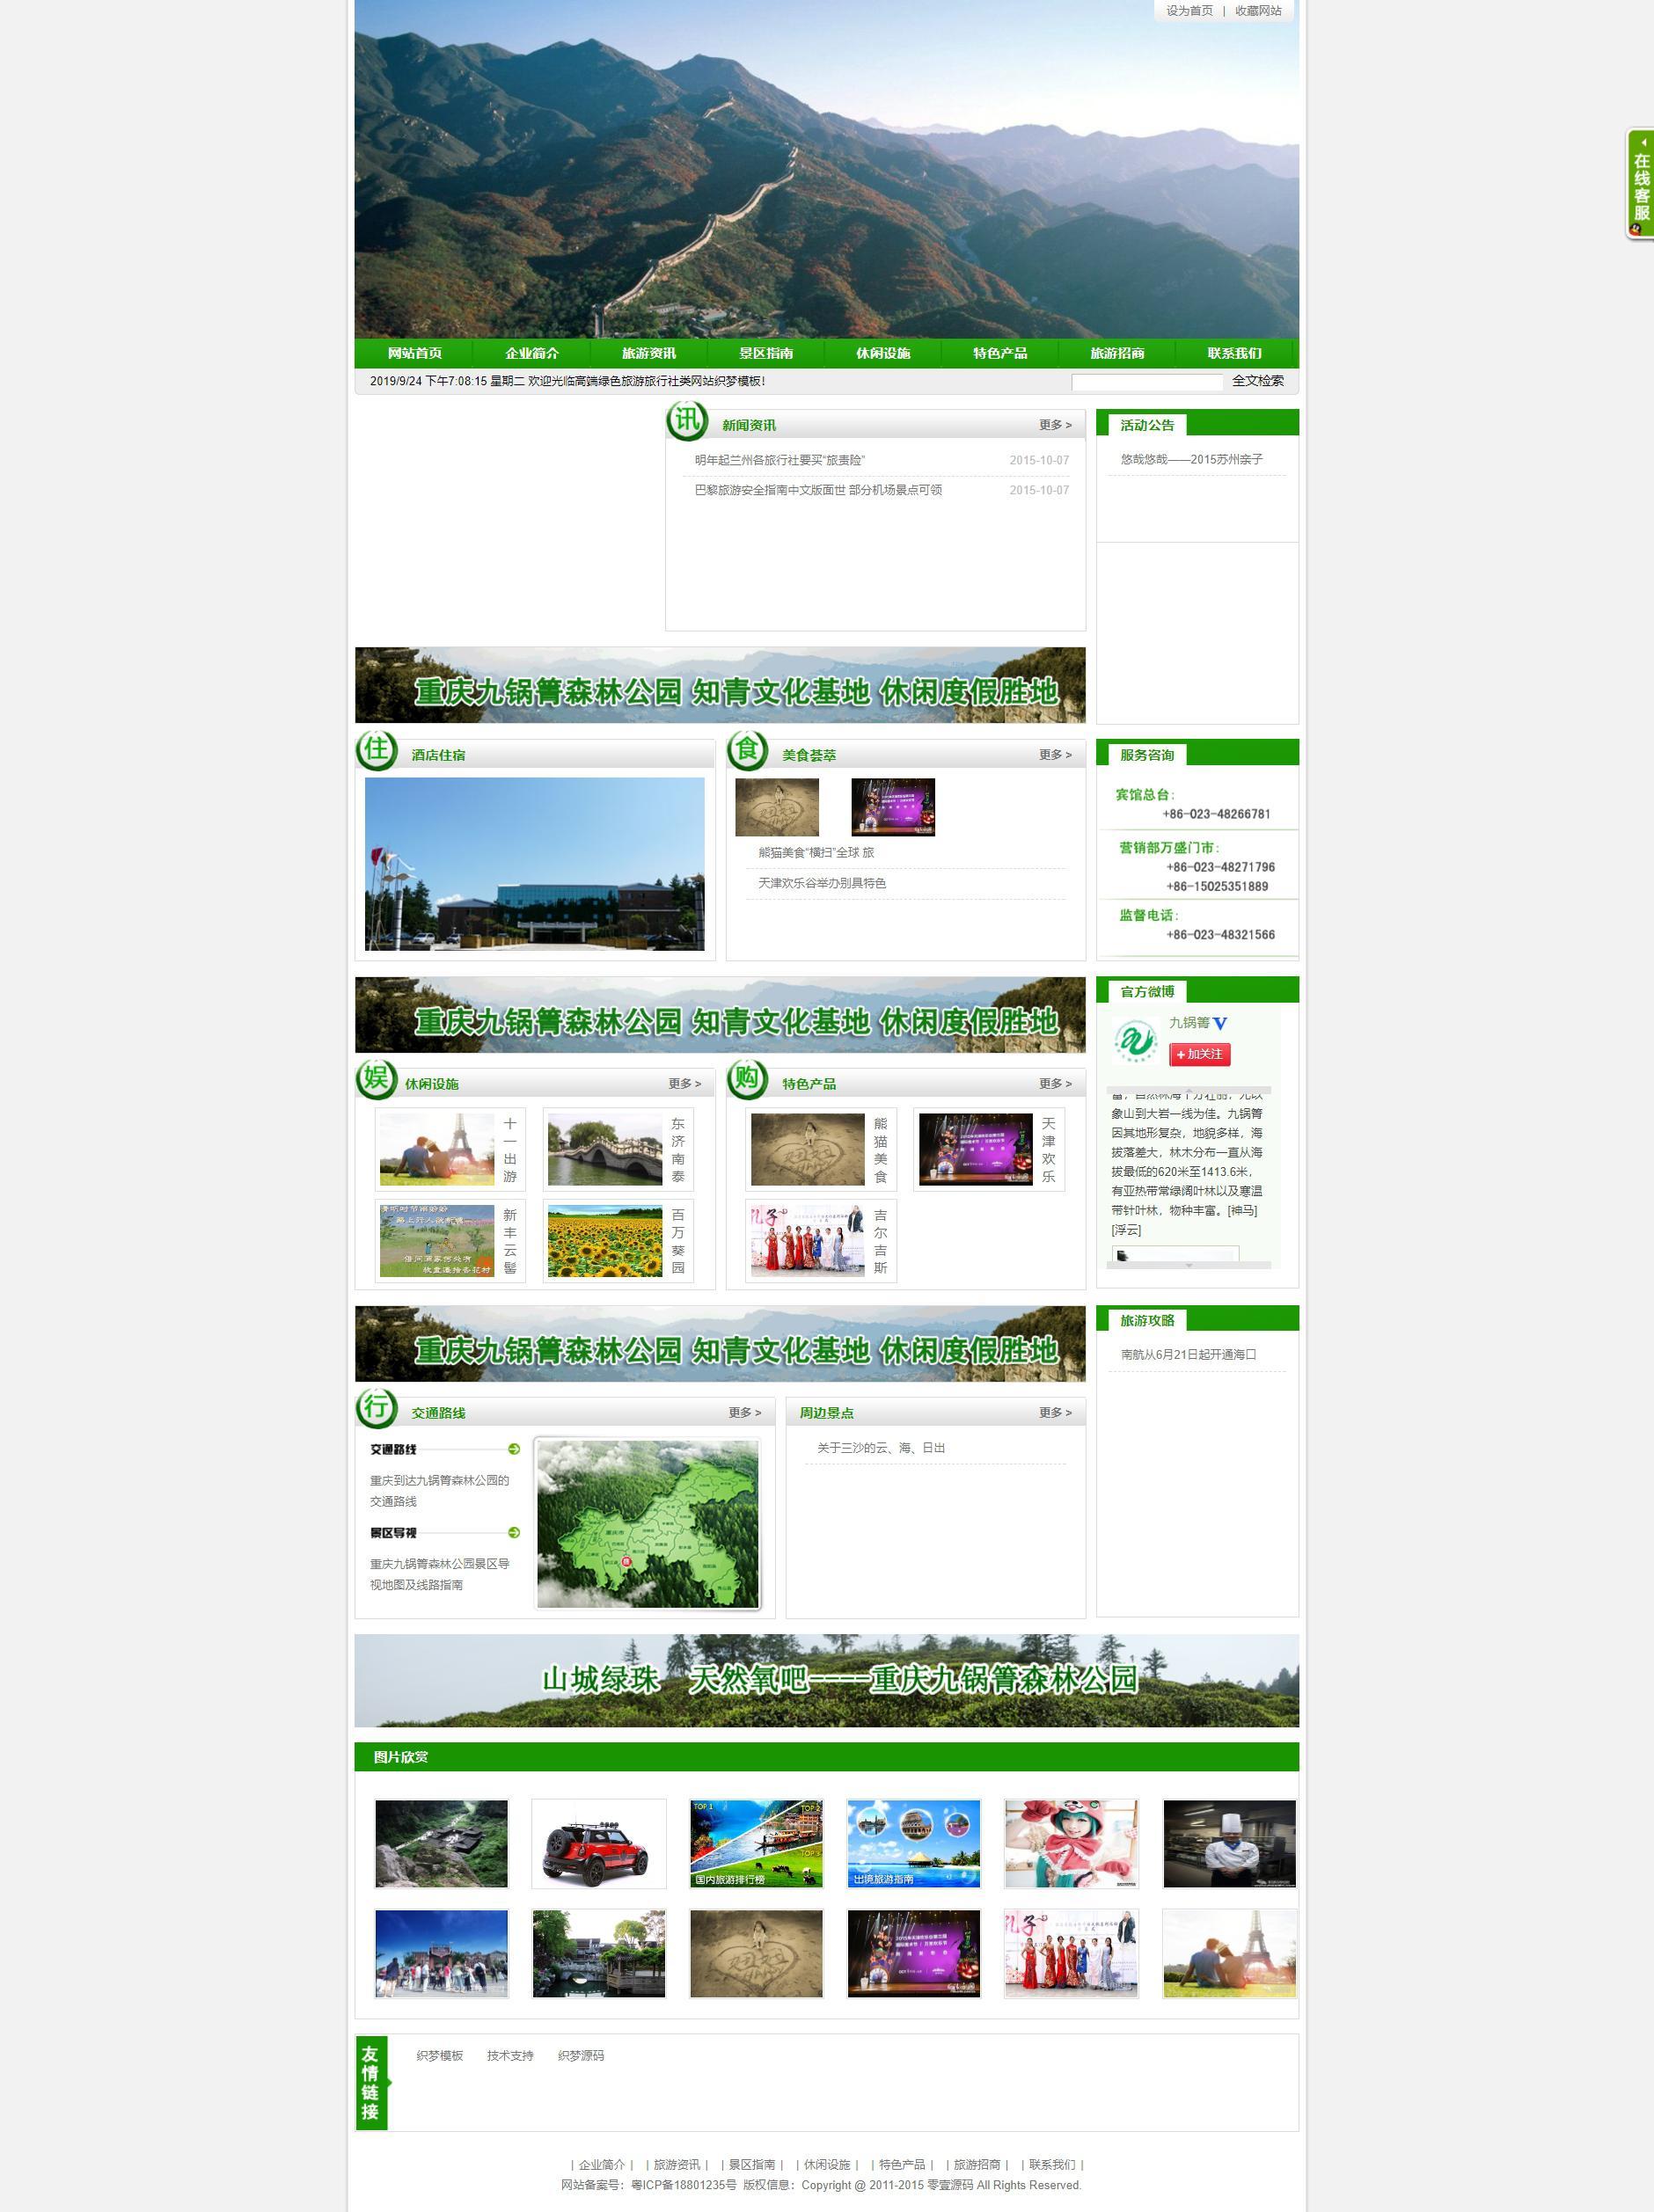 高端绿色旅游旅行社类网站织梦dedecms模板